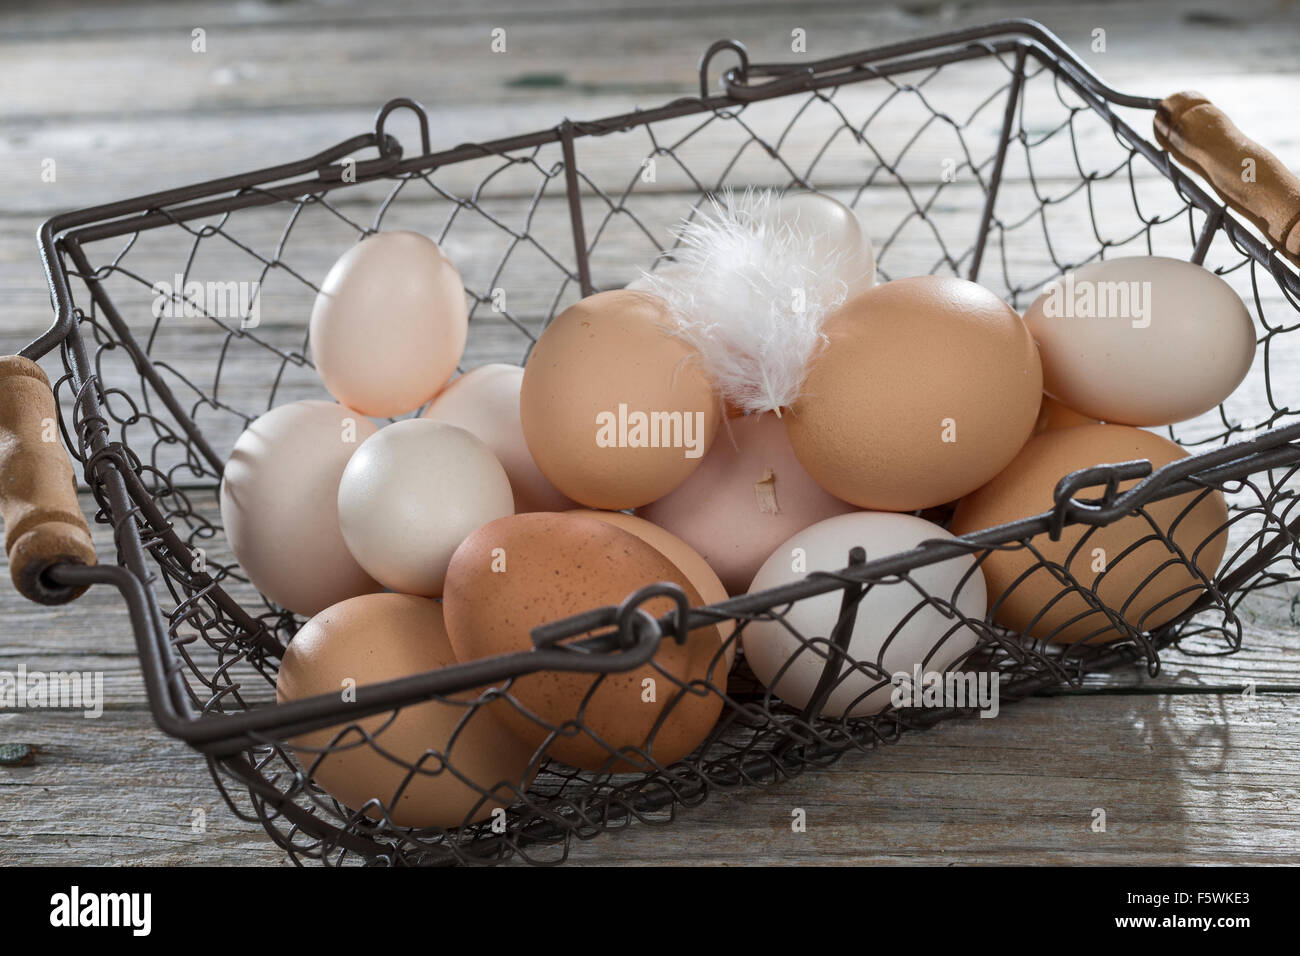 Hen's egg, hen's eggs, Hühnereier, Hühnerei, Eier, Ei, glückliche Eier, freilaufende Hühner, Bioeier, Zwerghuhn, Stock Photo